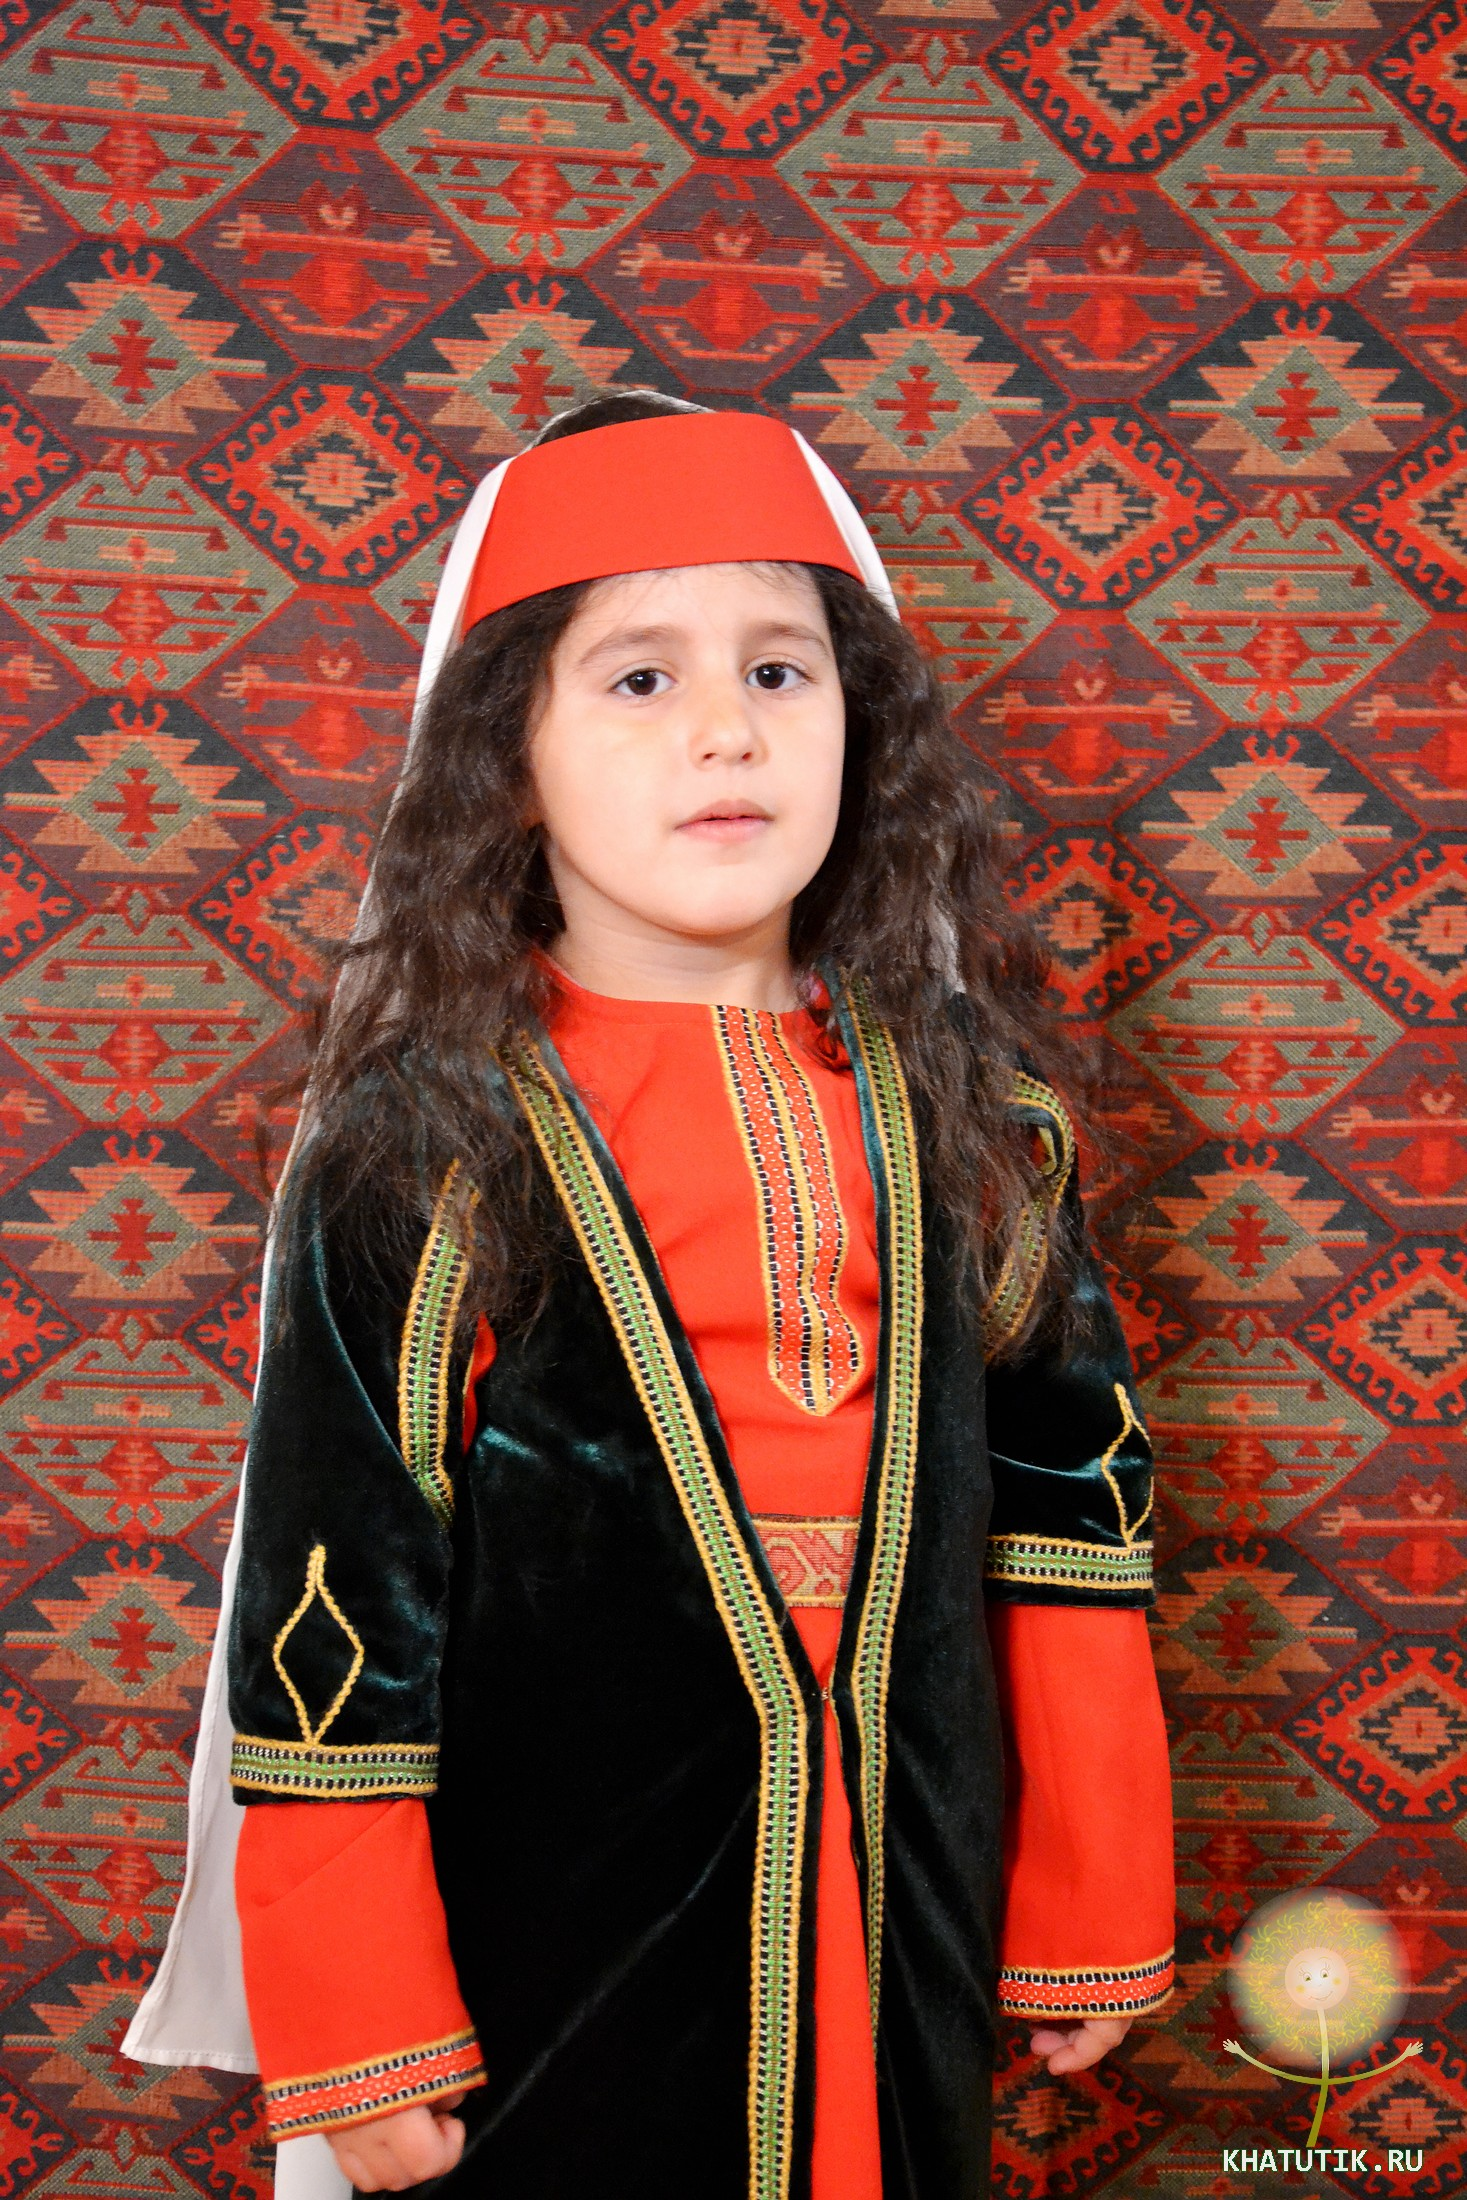 Армянская девочка в национальном костюме.Фото khatutik.ru